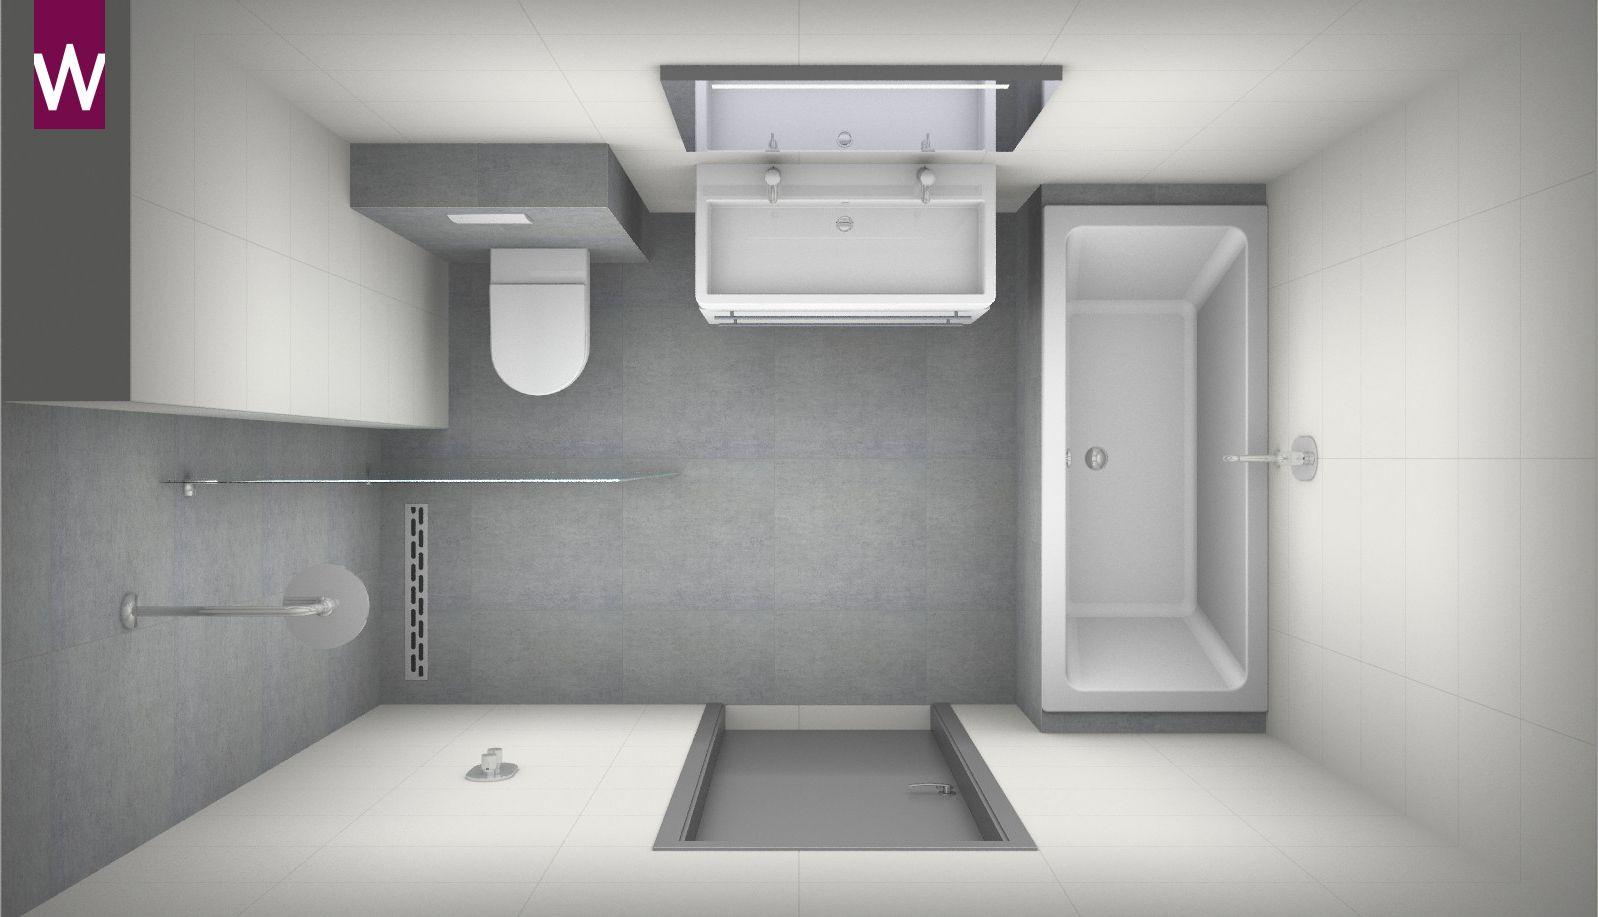 Badkamer ontwerpen badkamer badkamers en for Ontwerp badkamer 3d